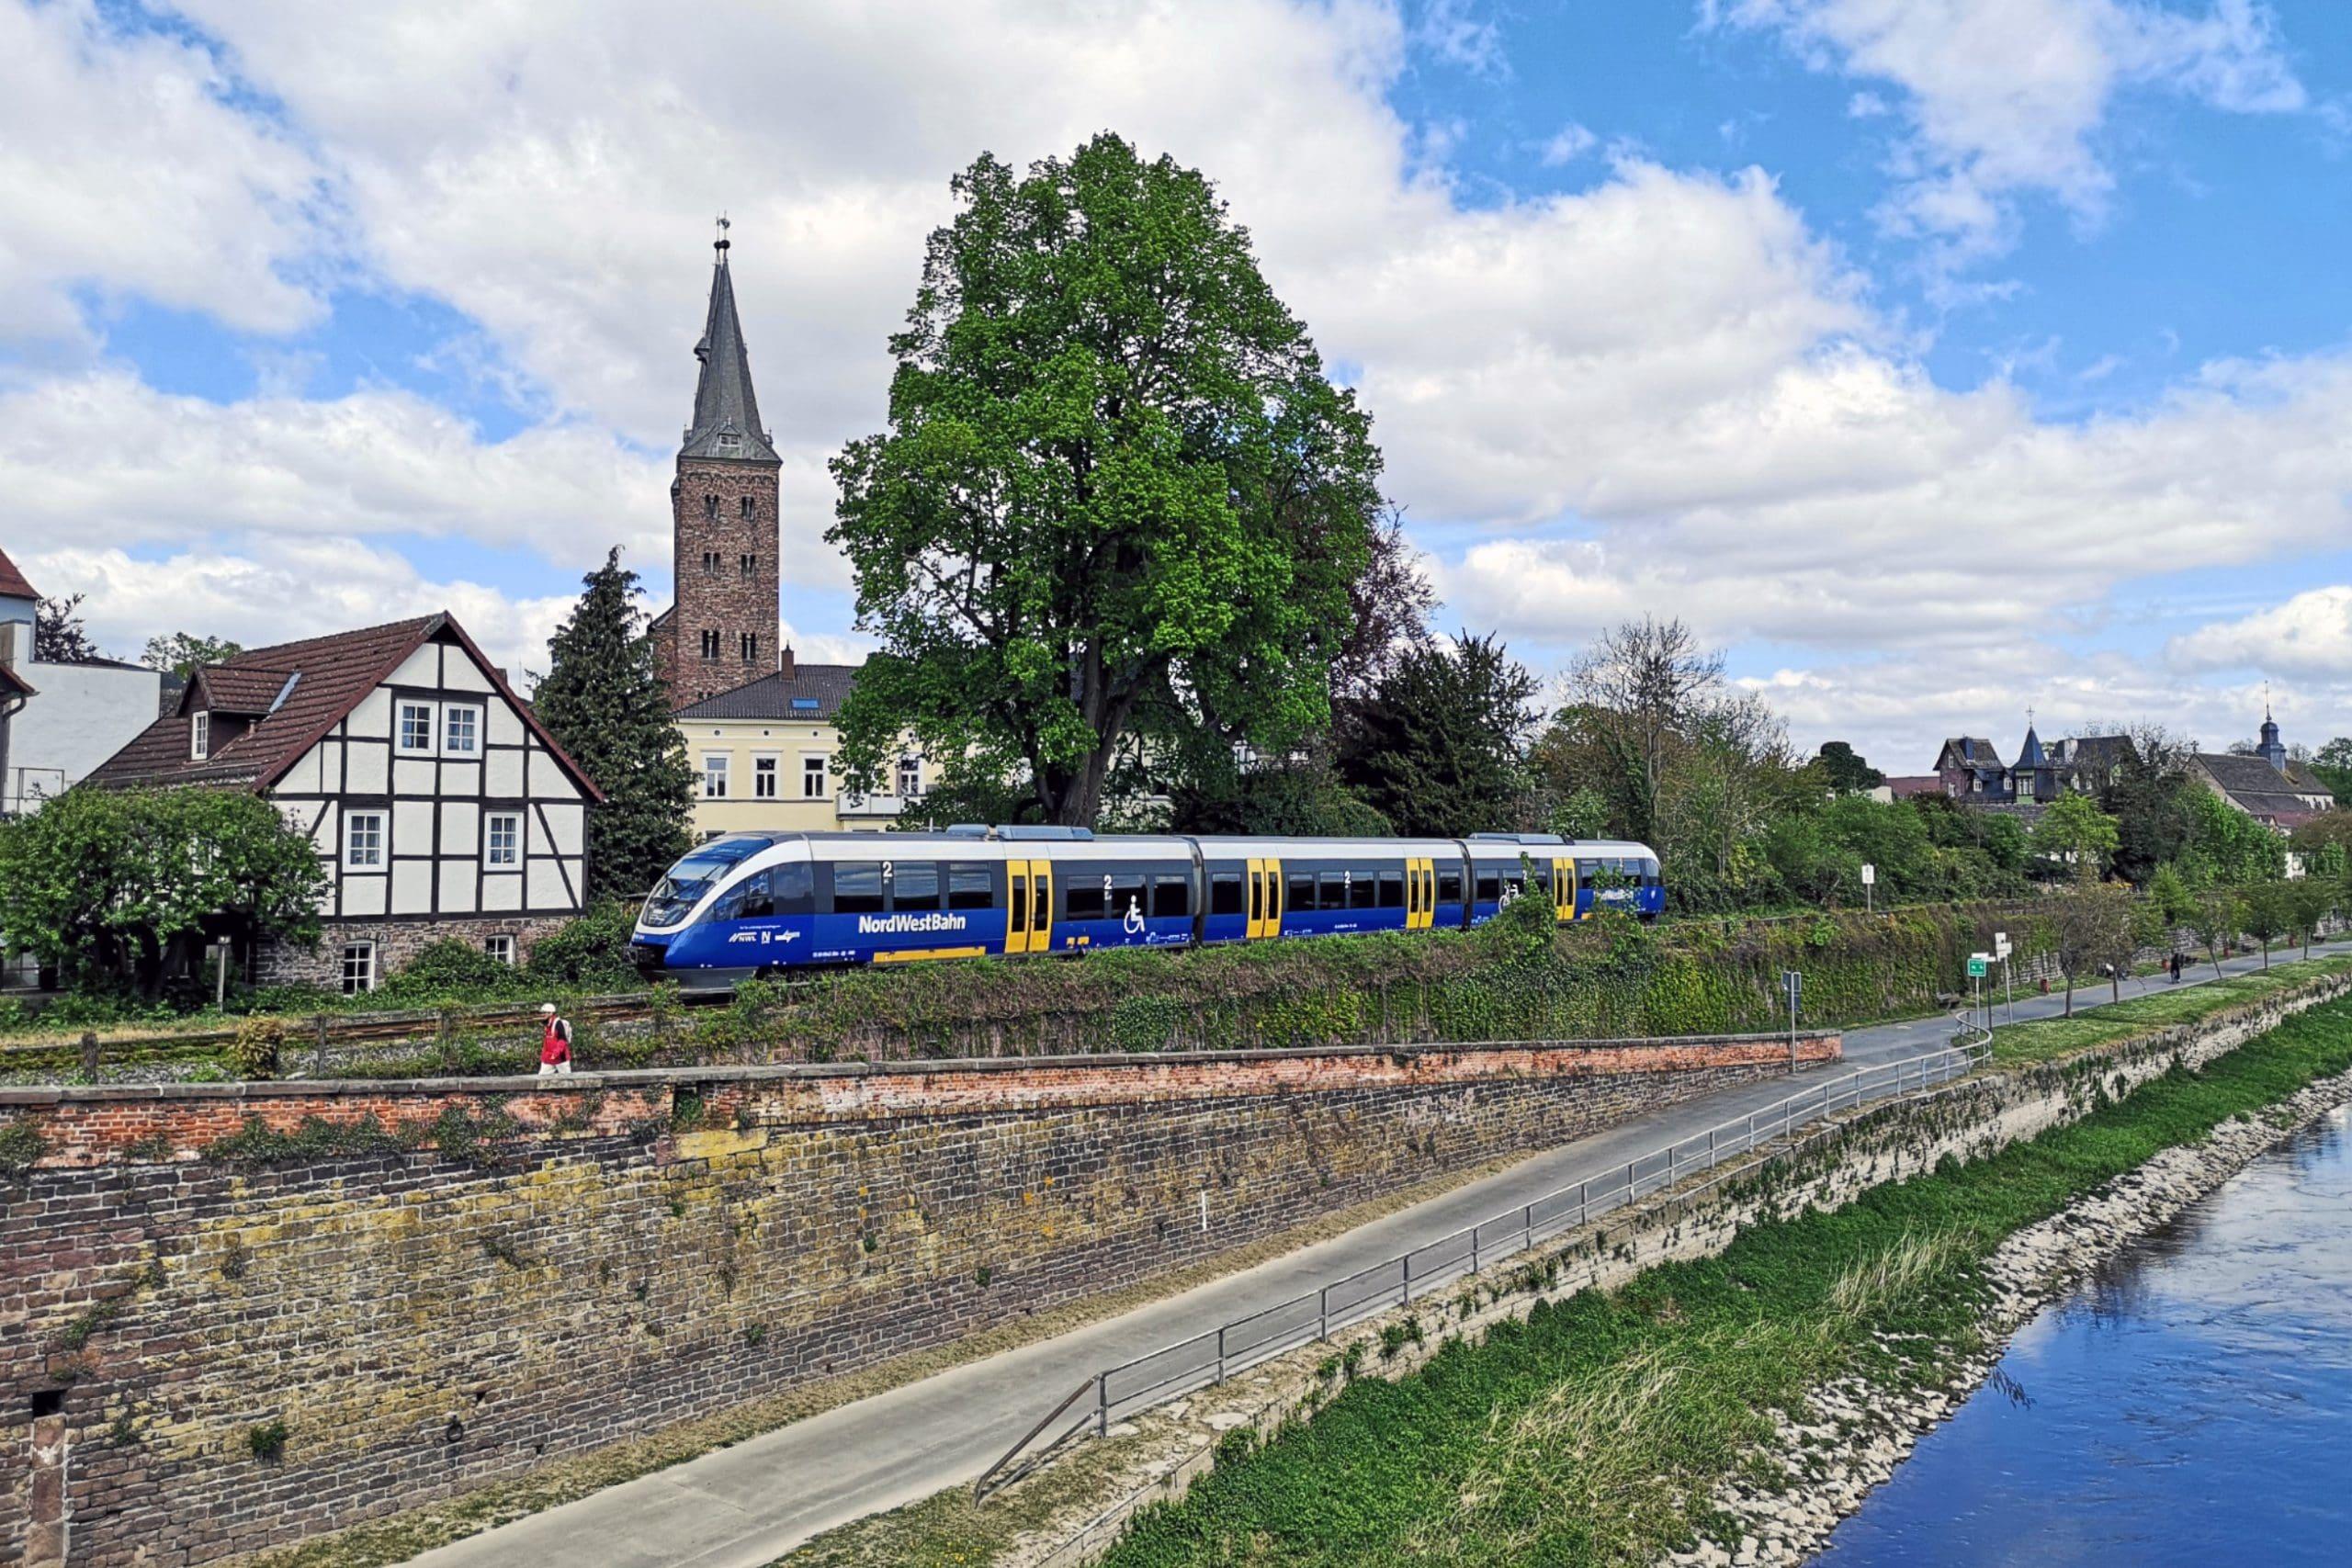 ©Foto: André Rosendahl | railmen | Nordwestbahn (NWB): Zu Besuch in Höxter. Im Vordergrund ist die Weser zu sehen und der Zug befindet sich auf dem Weg von Holzminden nach Paderborn.